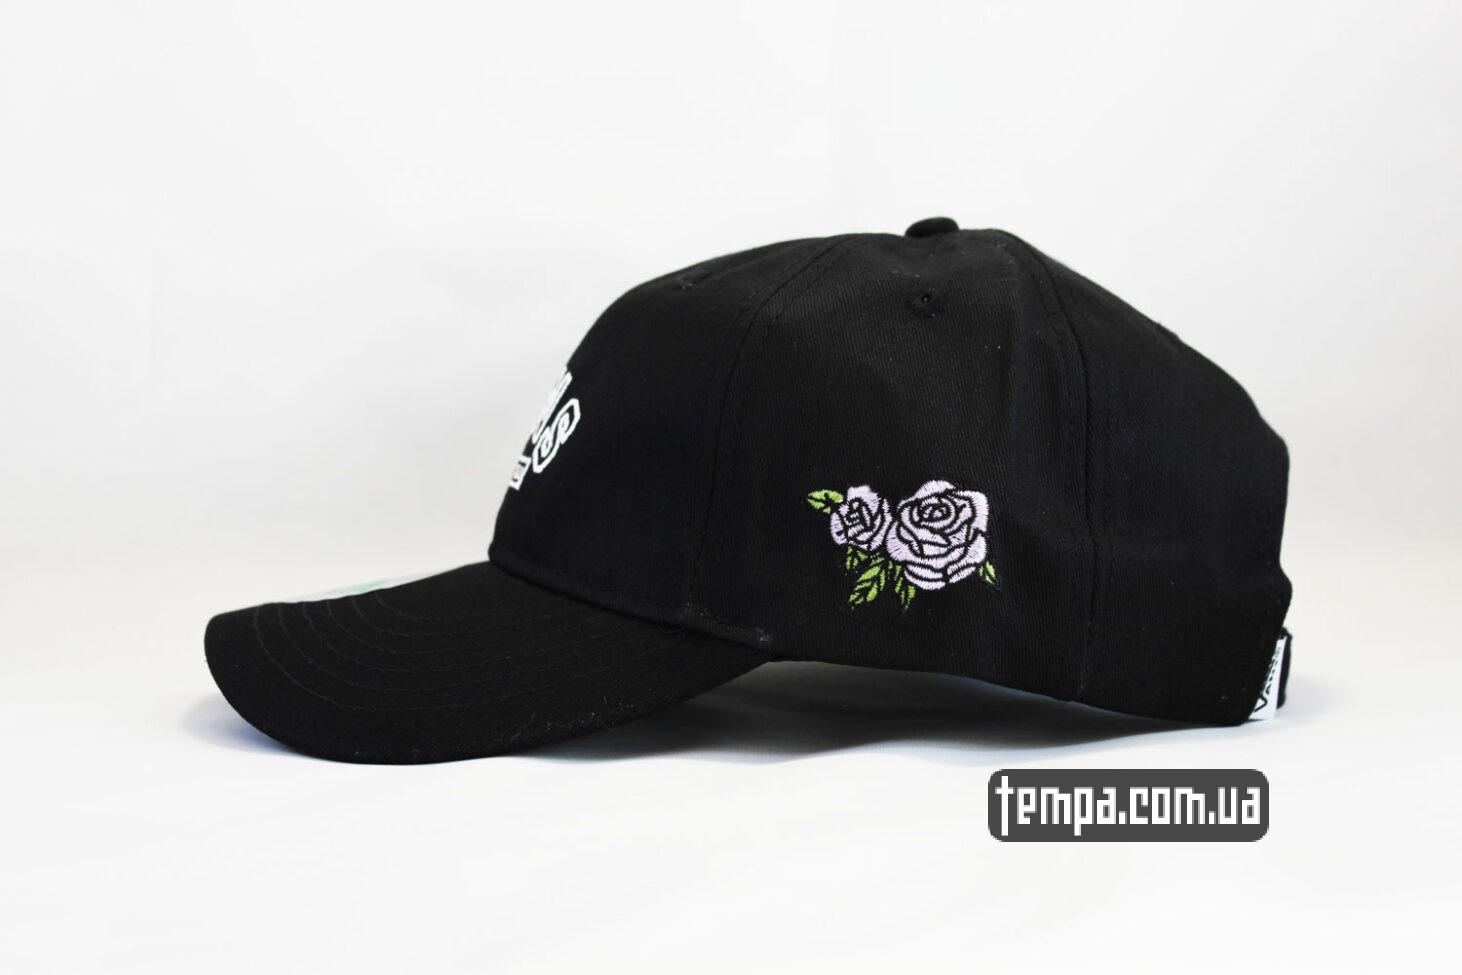 с розой VANS OFF THE WALL black cap черная кепка купить